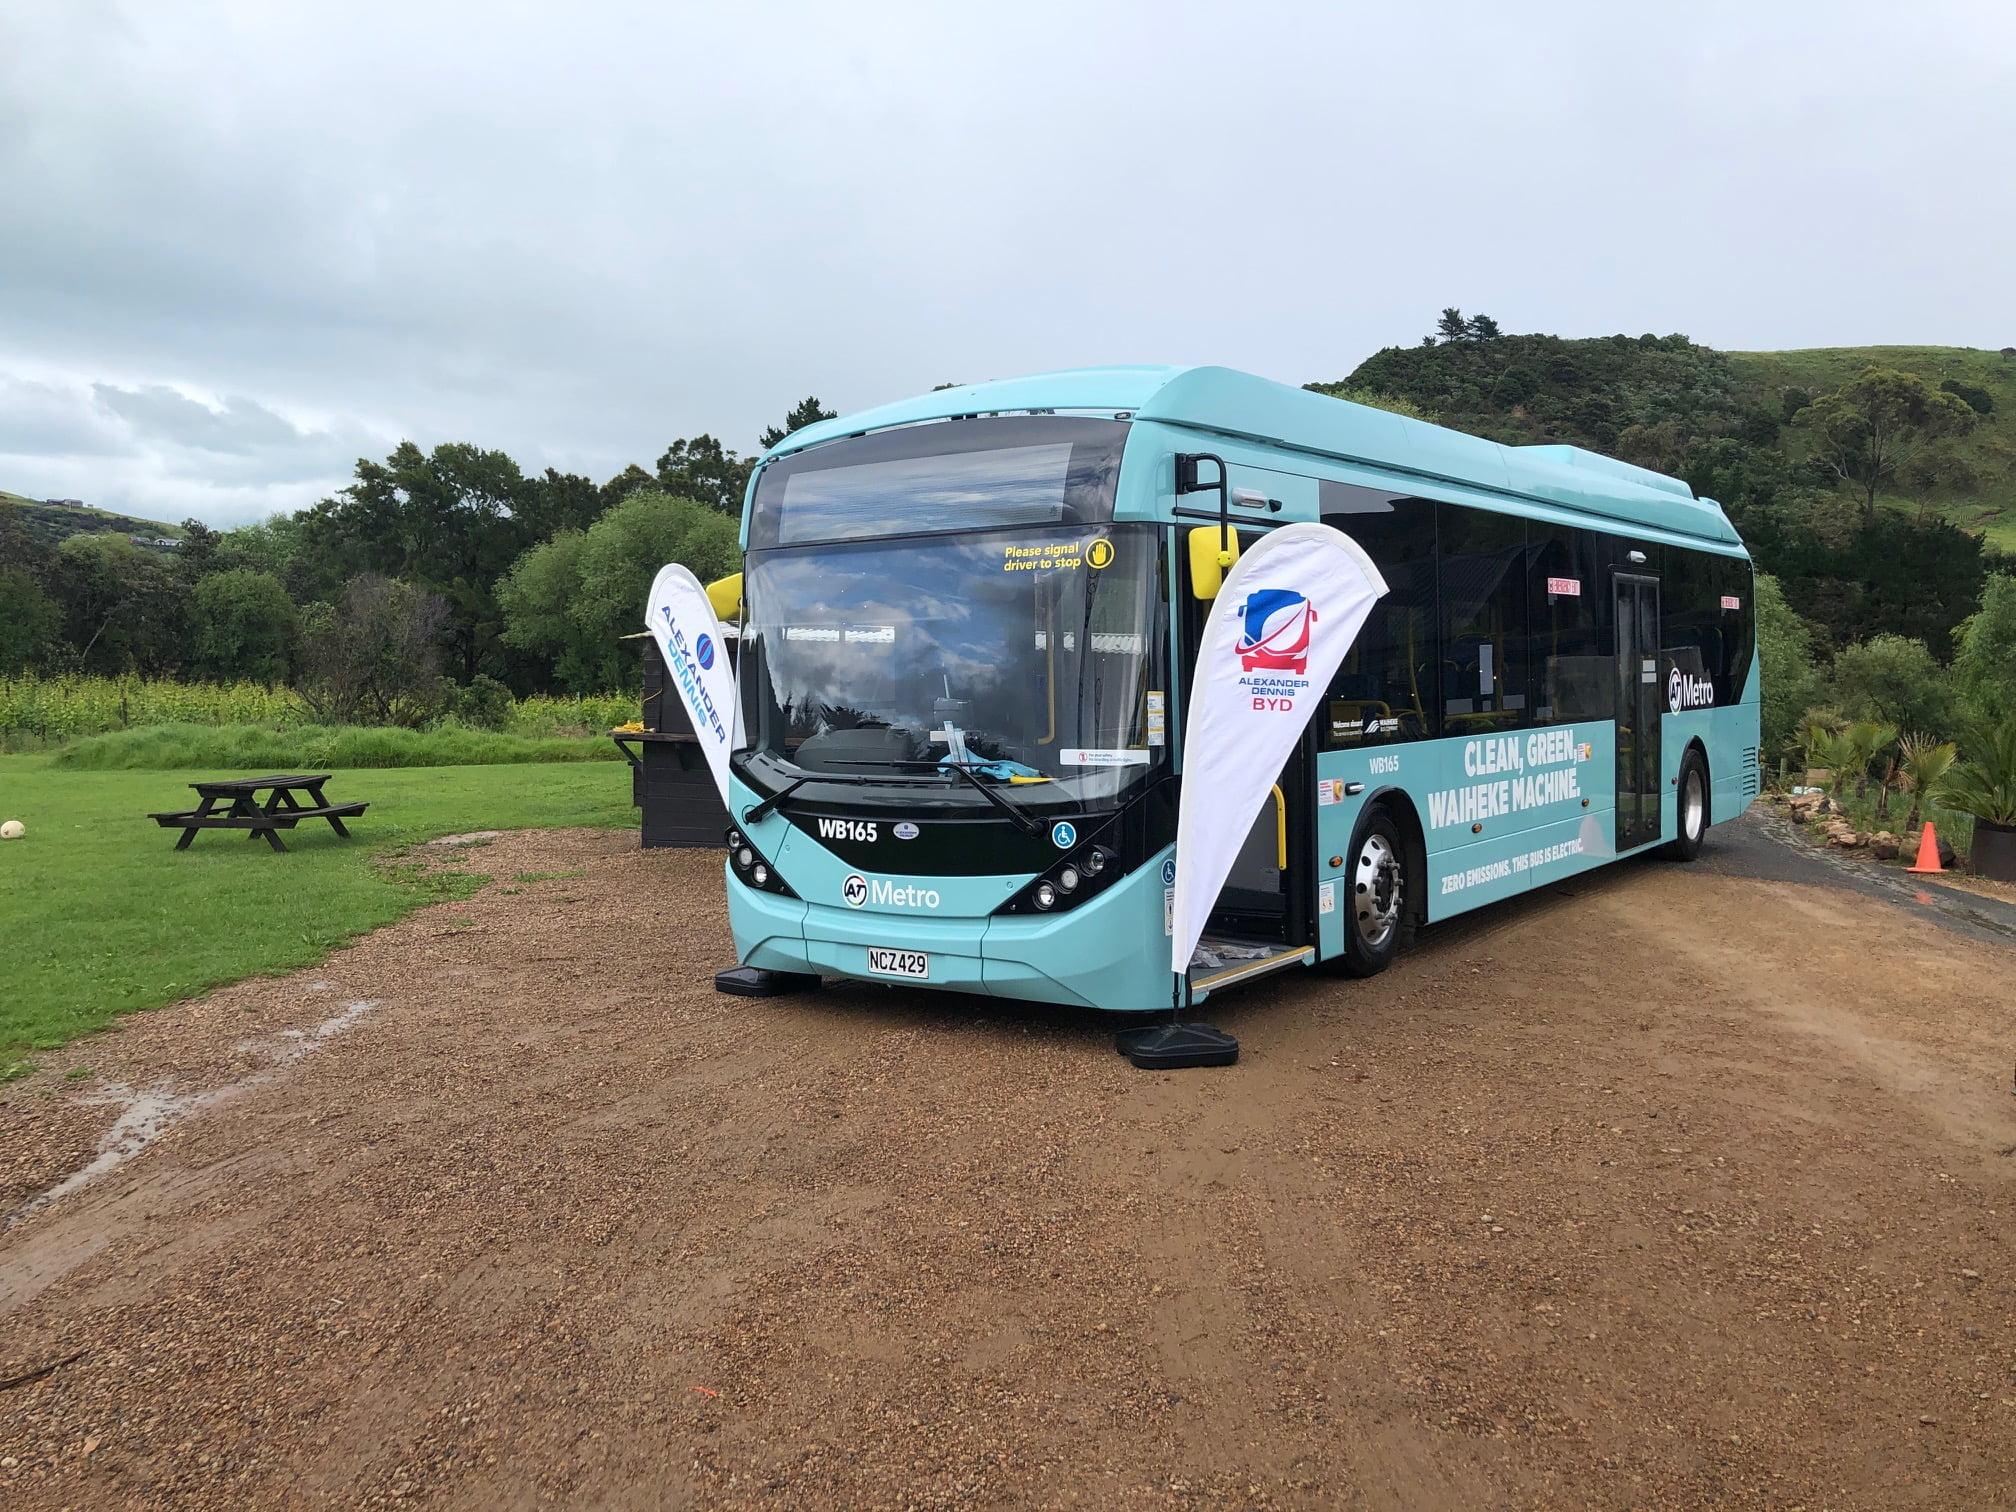 Internacional: Primeira frota de ônibus elétricos de Auckland, na Nova Zelândia, começa a ser entregue